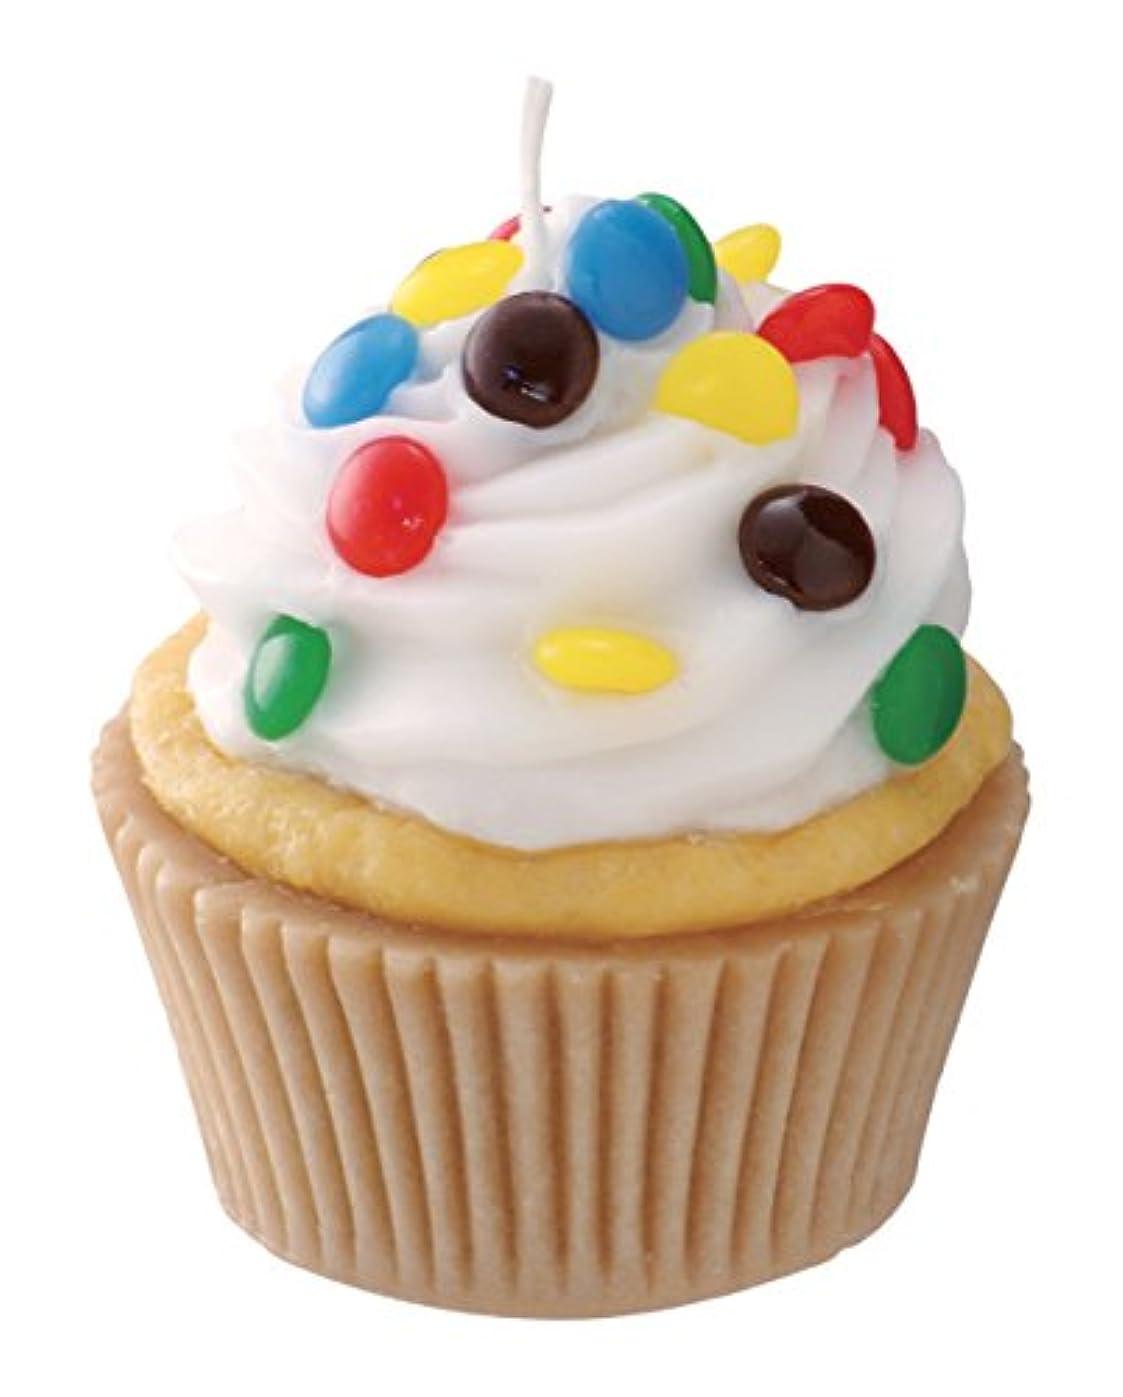 ボックス無声で睡眠カメヤマキャンドルハウス 本物そっくり! アメリカンカップケーキキャンドル ホワイトクリーム チョコレートの香り